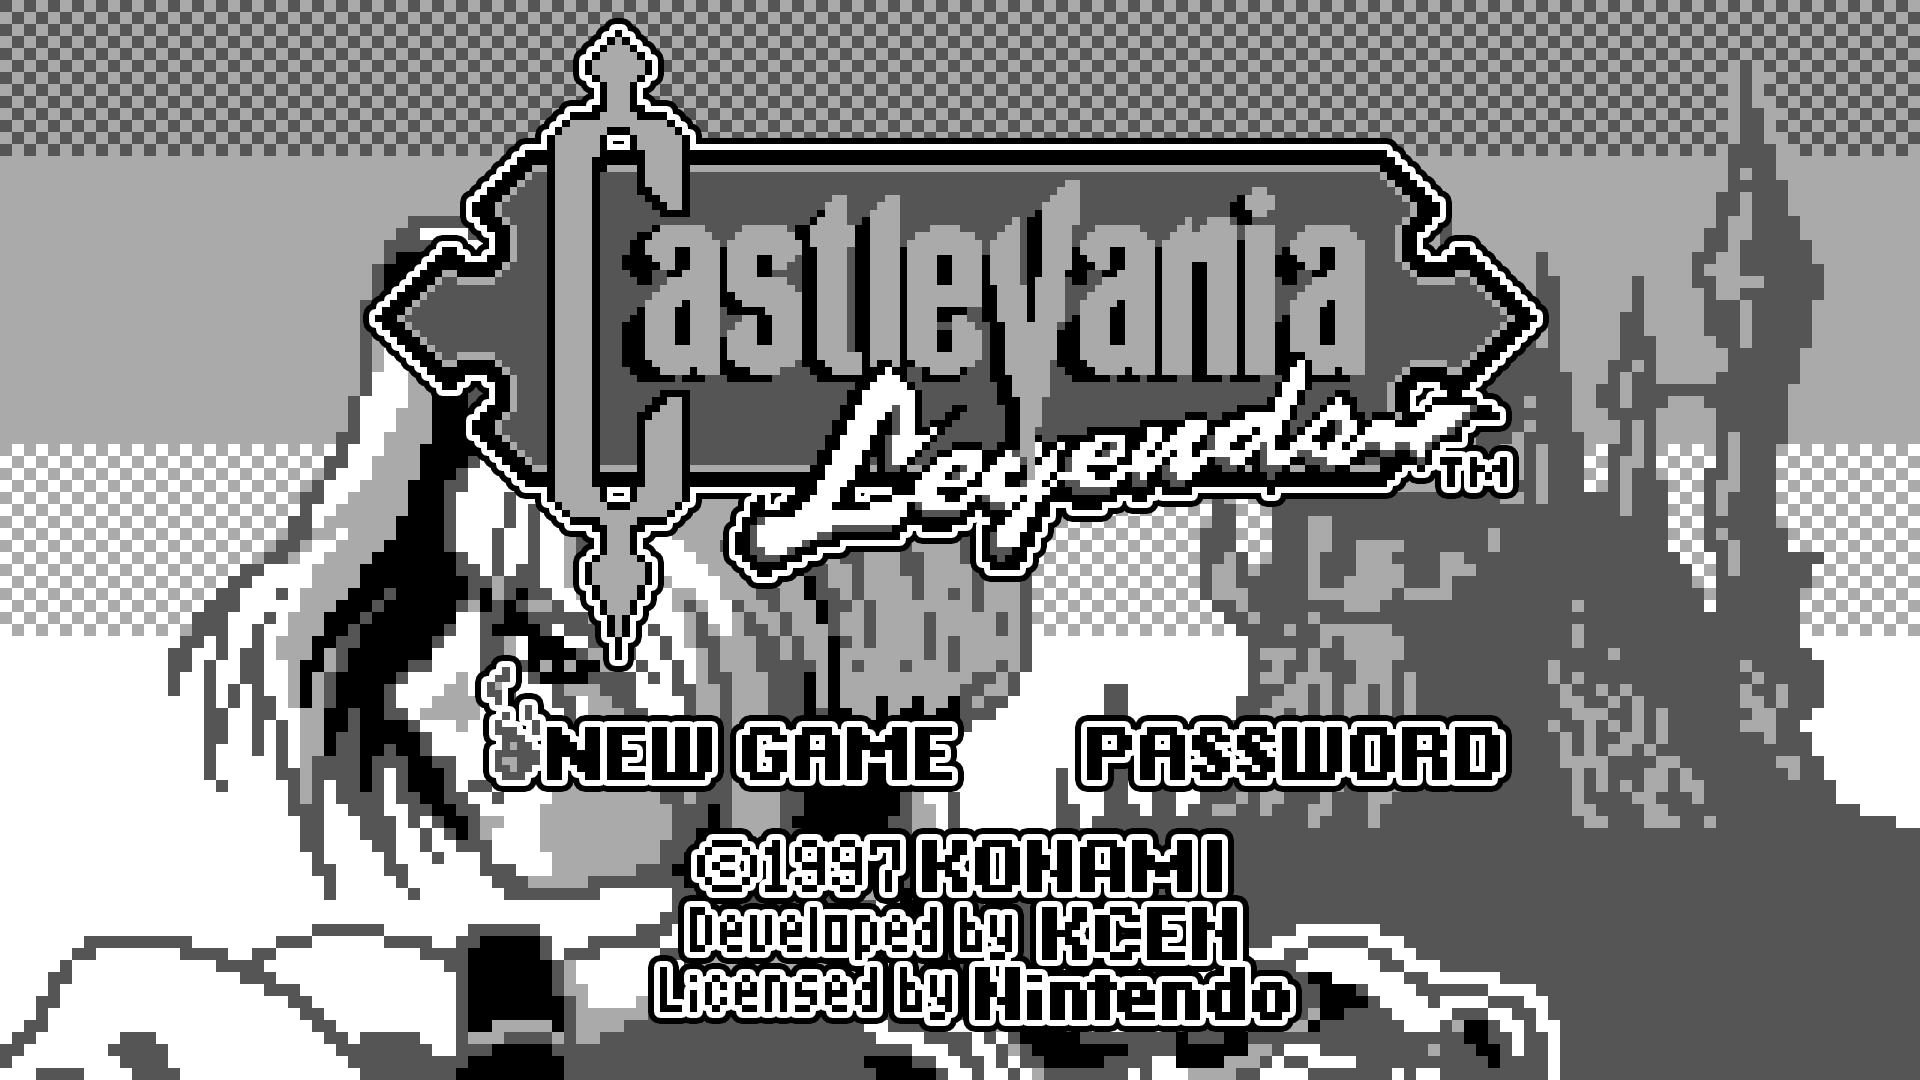 Todos os jogos portáteis do Castlevania classificados de acordo com os críticos 1